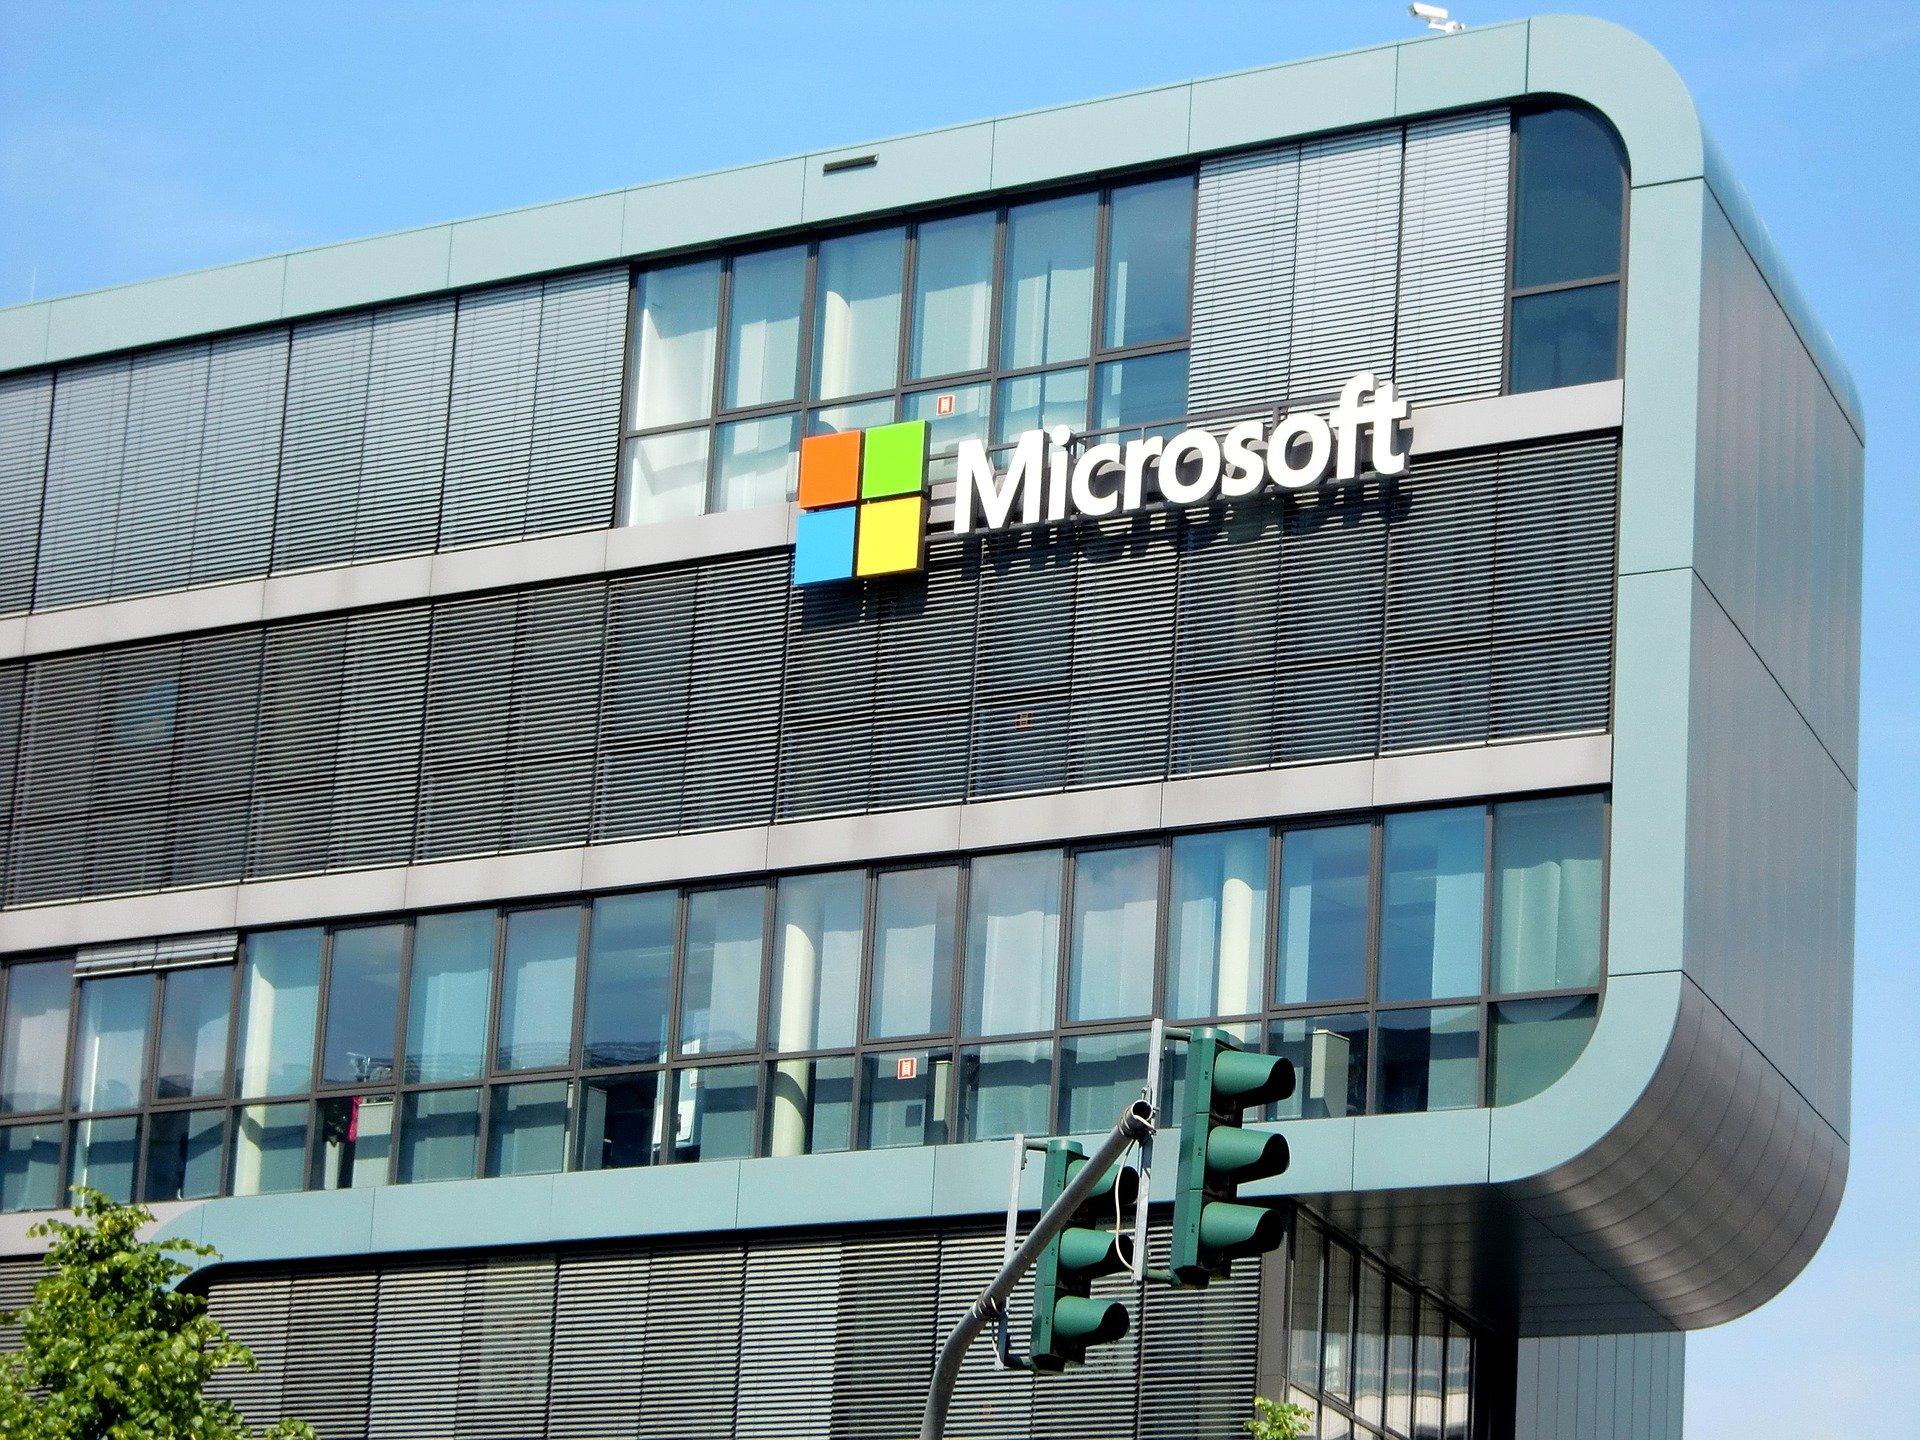 Bill Gates opuszcza zarządMicrosoft'użeby zająć się czymś ważniejszym